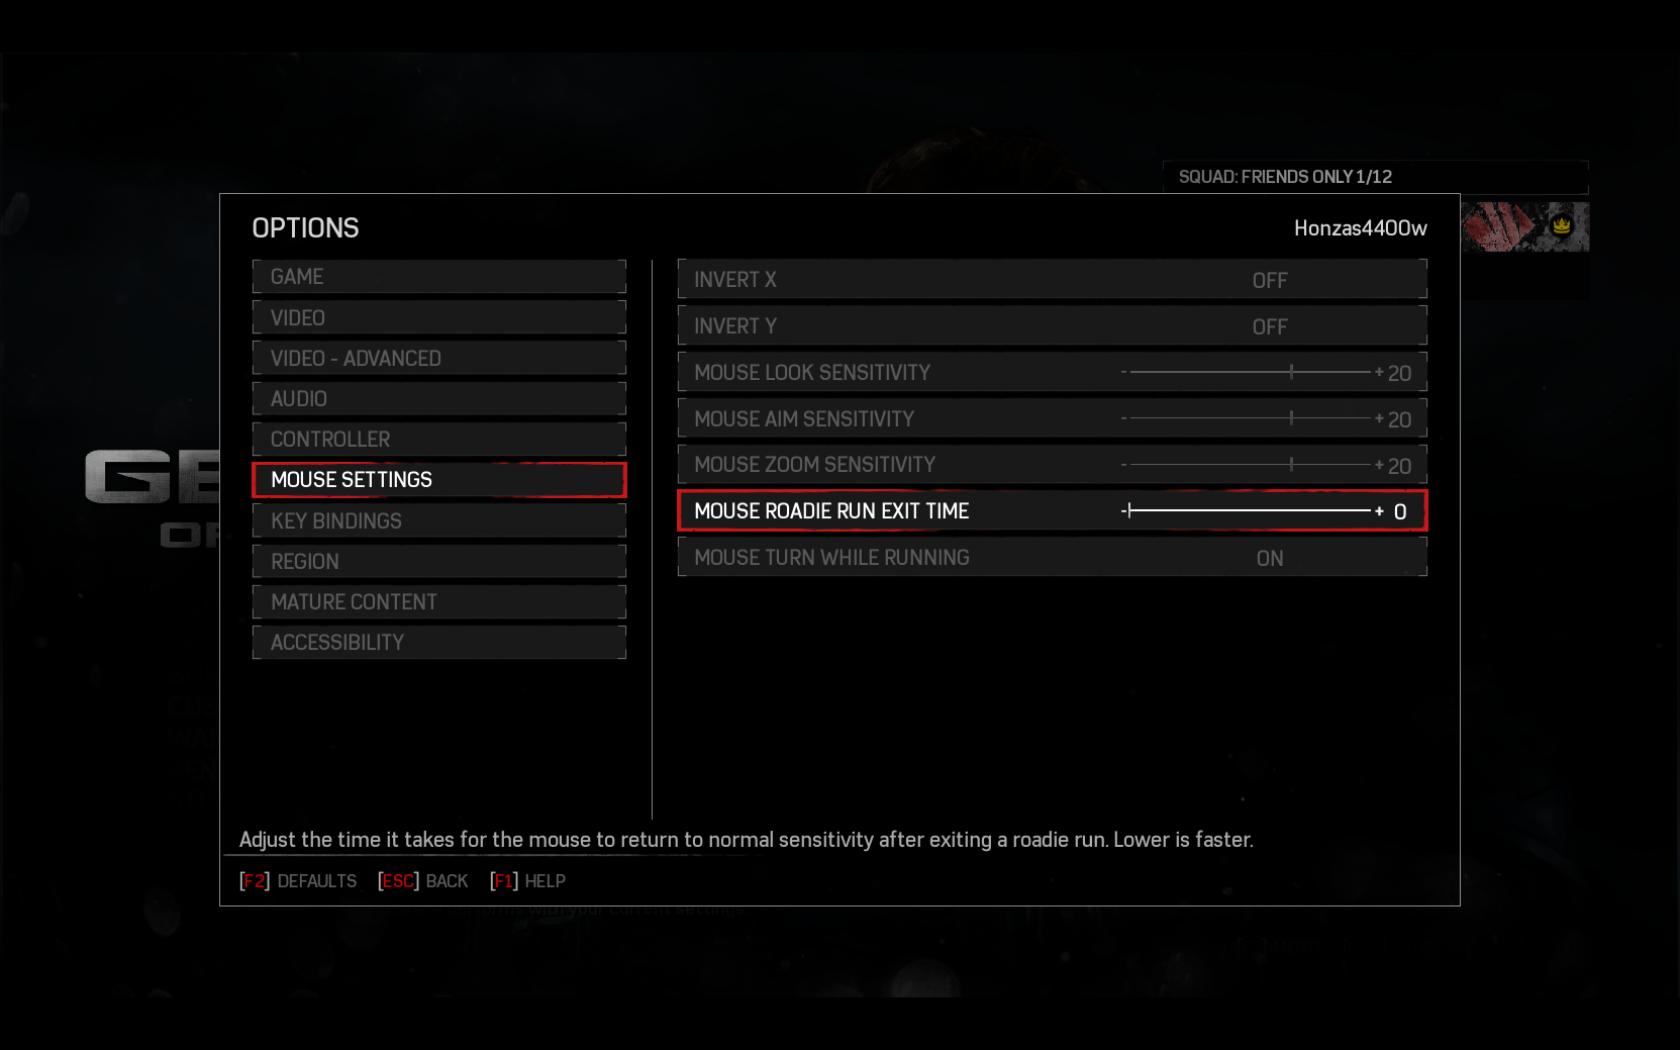 PC verze Gears of War 4 si zaslouží velkou pochvalu 131665